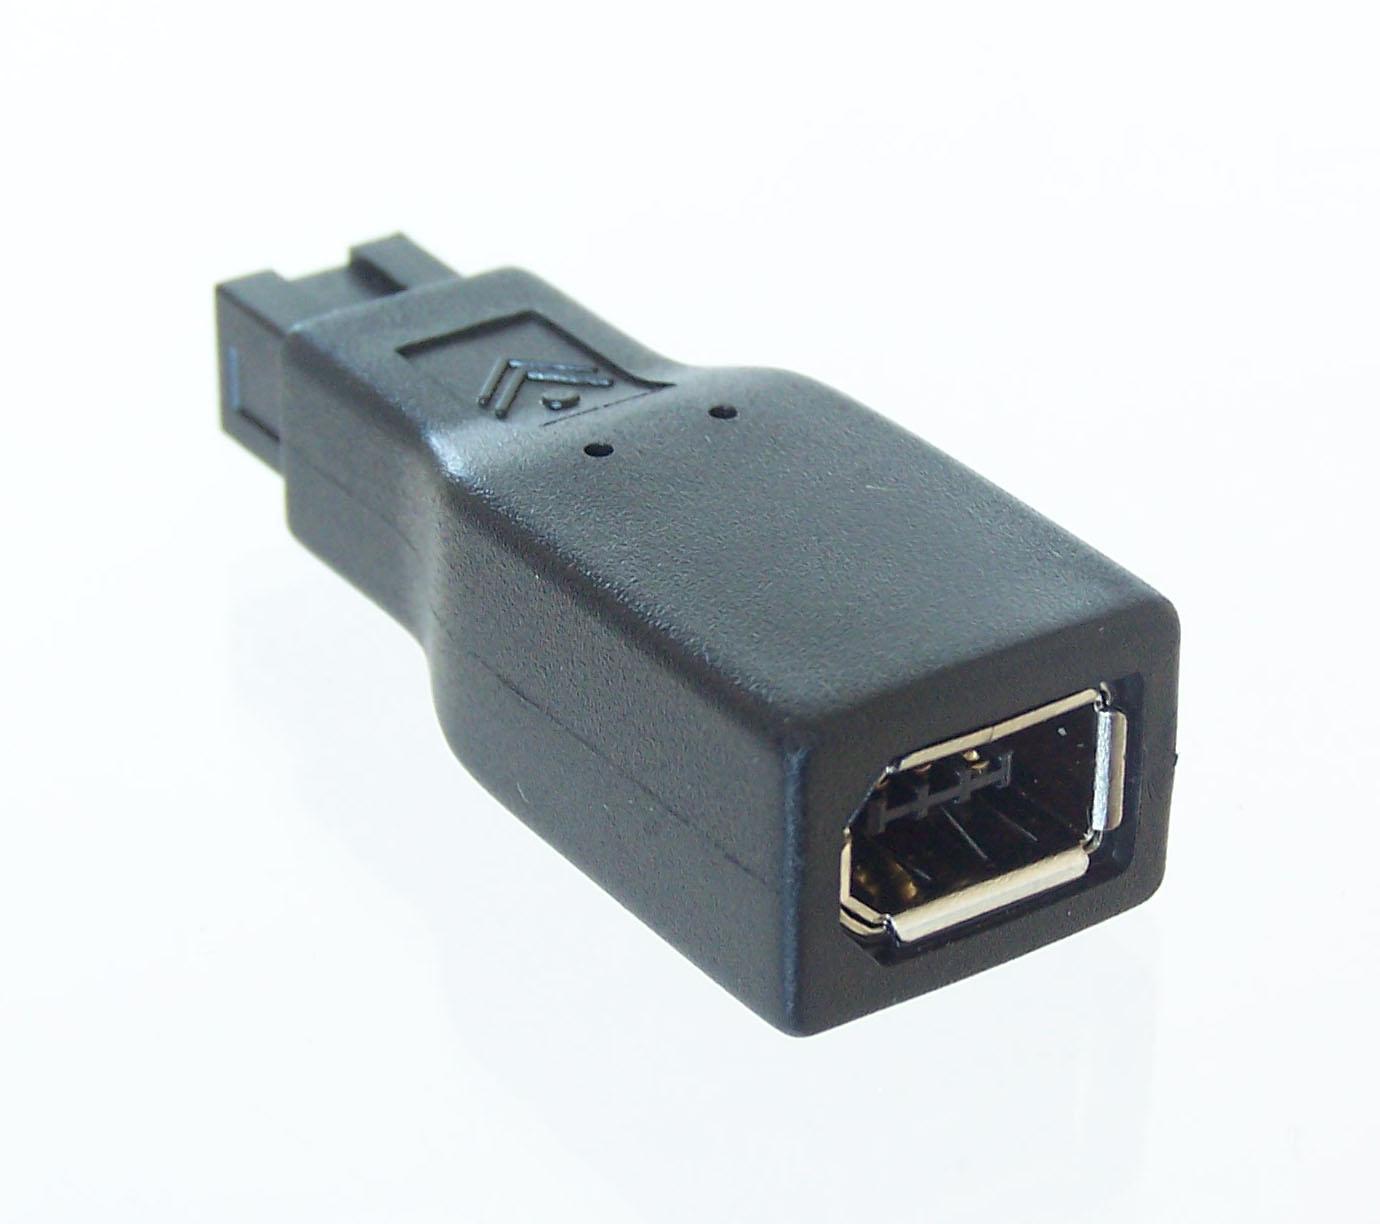 de 6 a 9-pin Adaptador FireWire 800